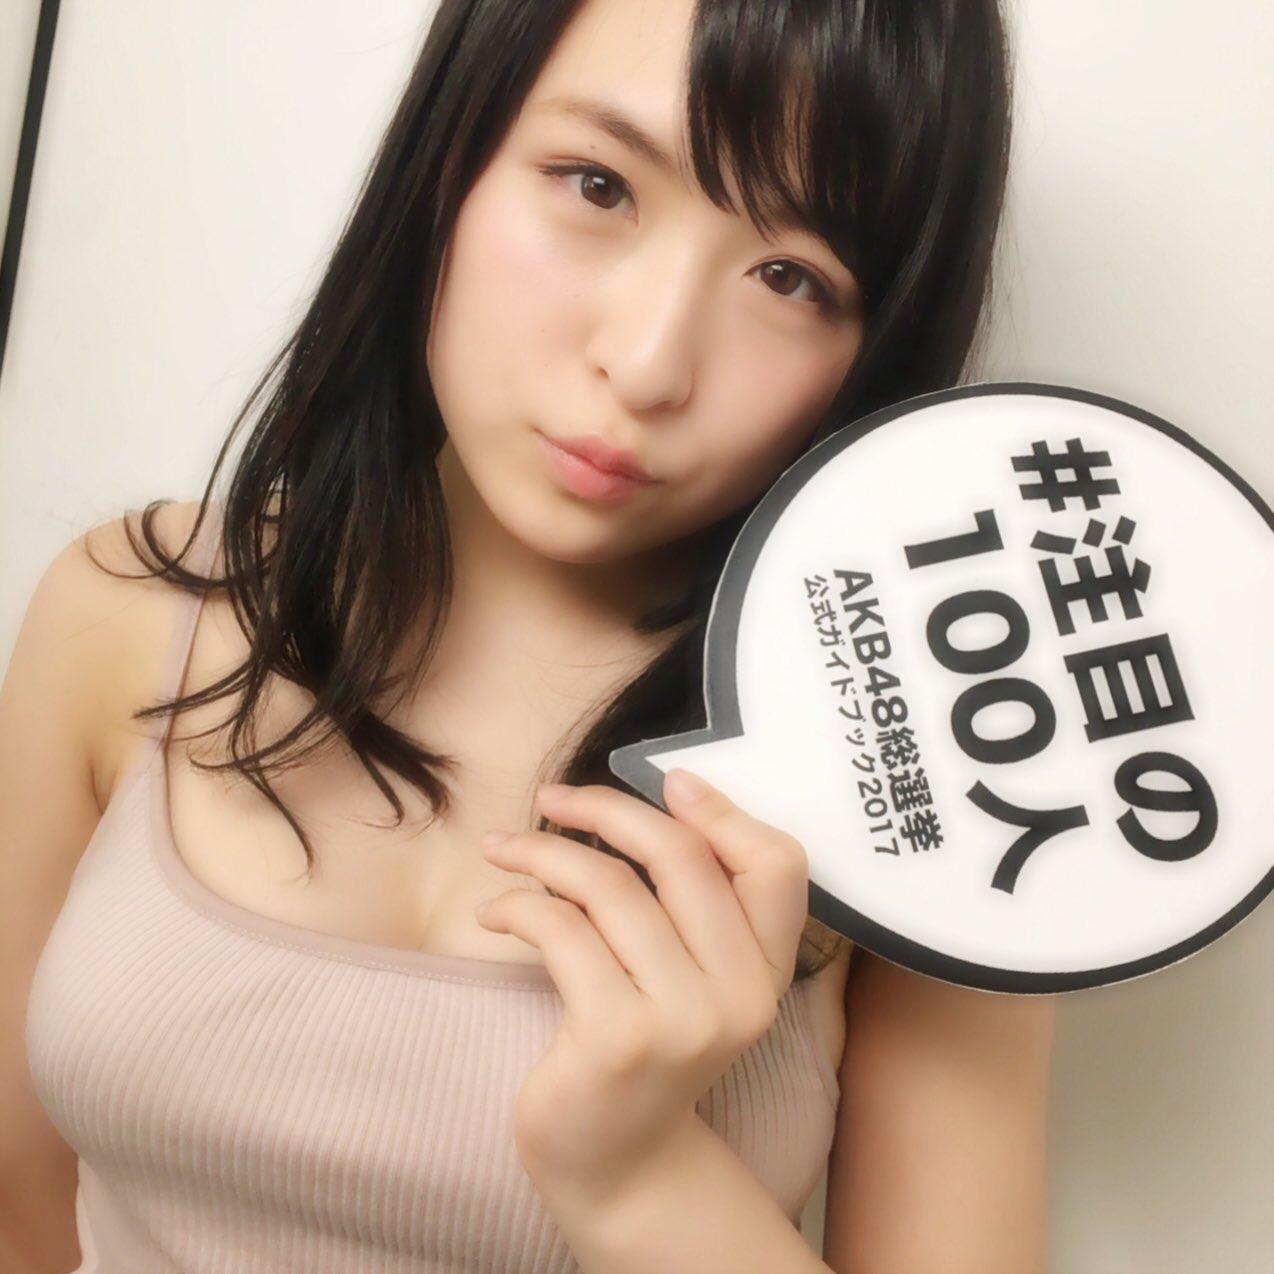 【AKB48】さややのキャミソール姿の破壊力wwwwwwww【川本紗矢】